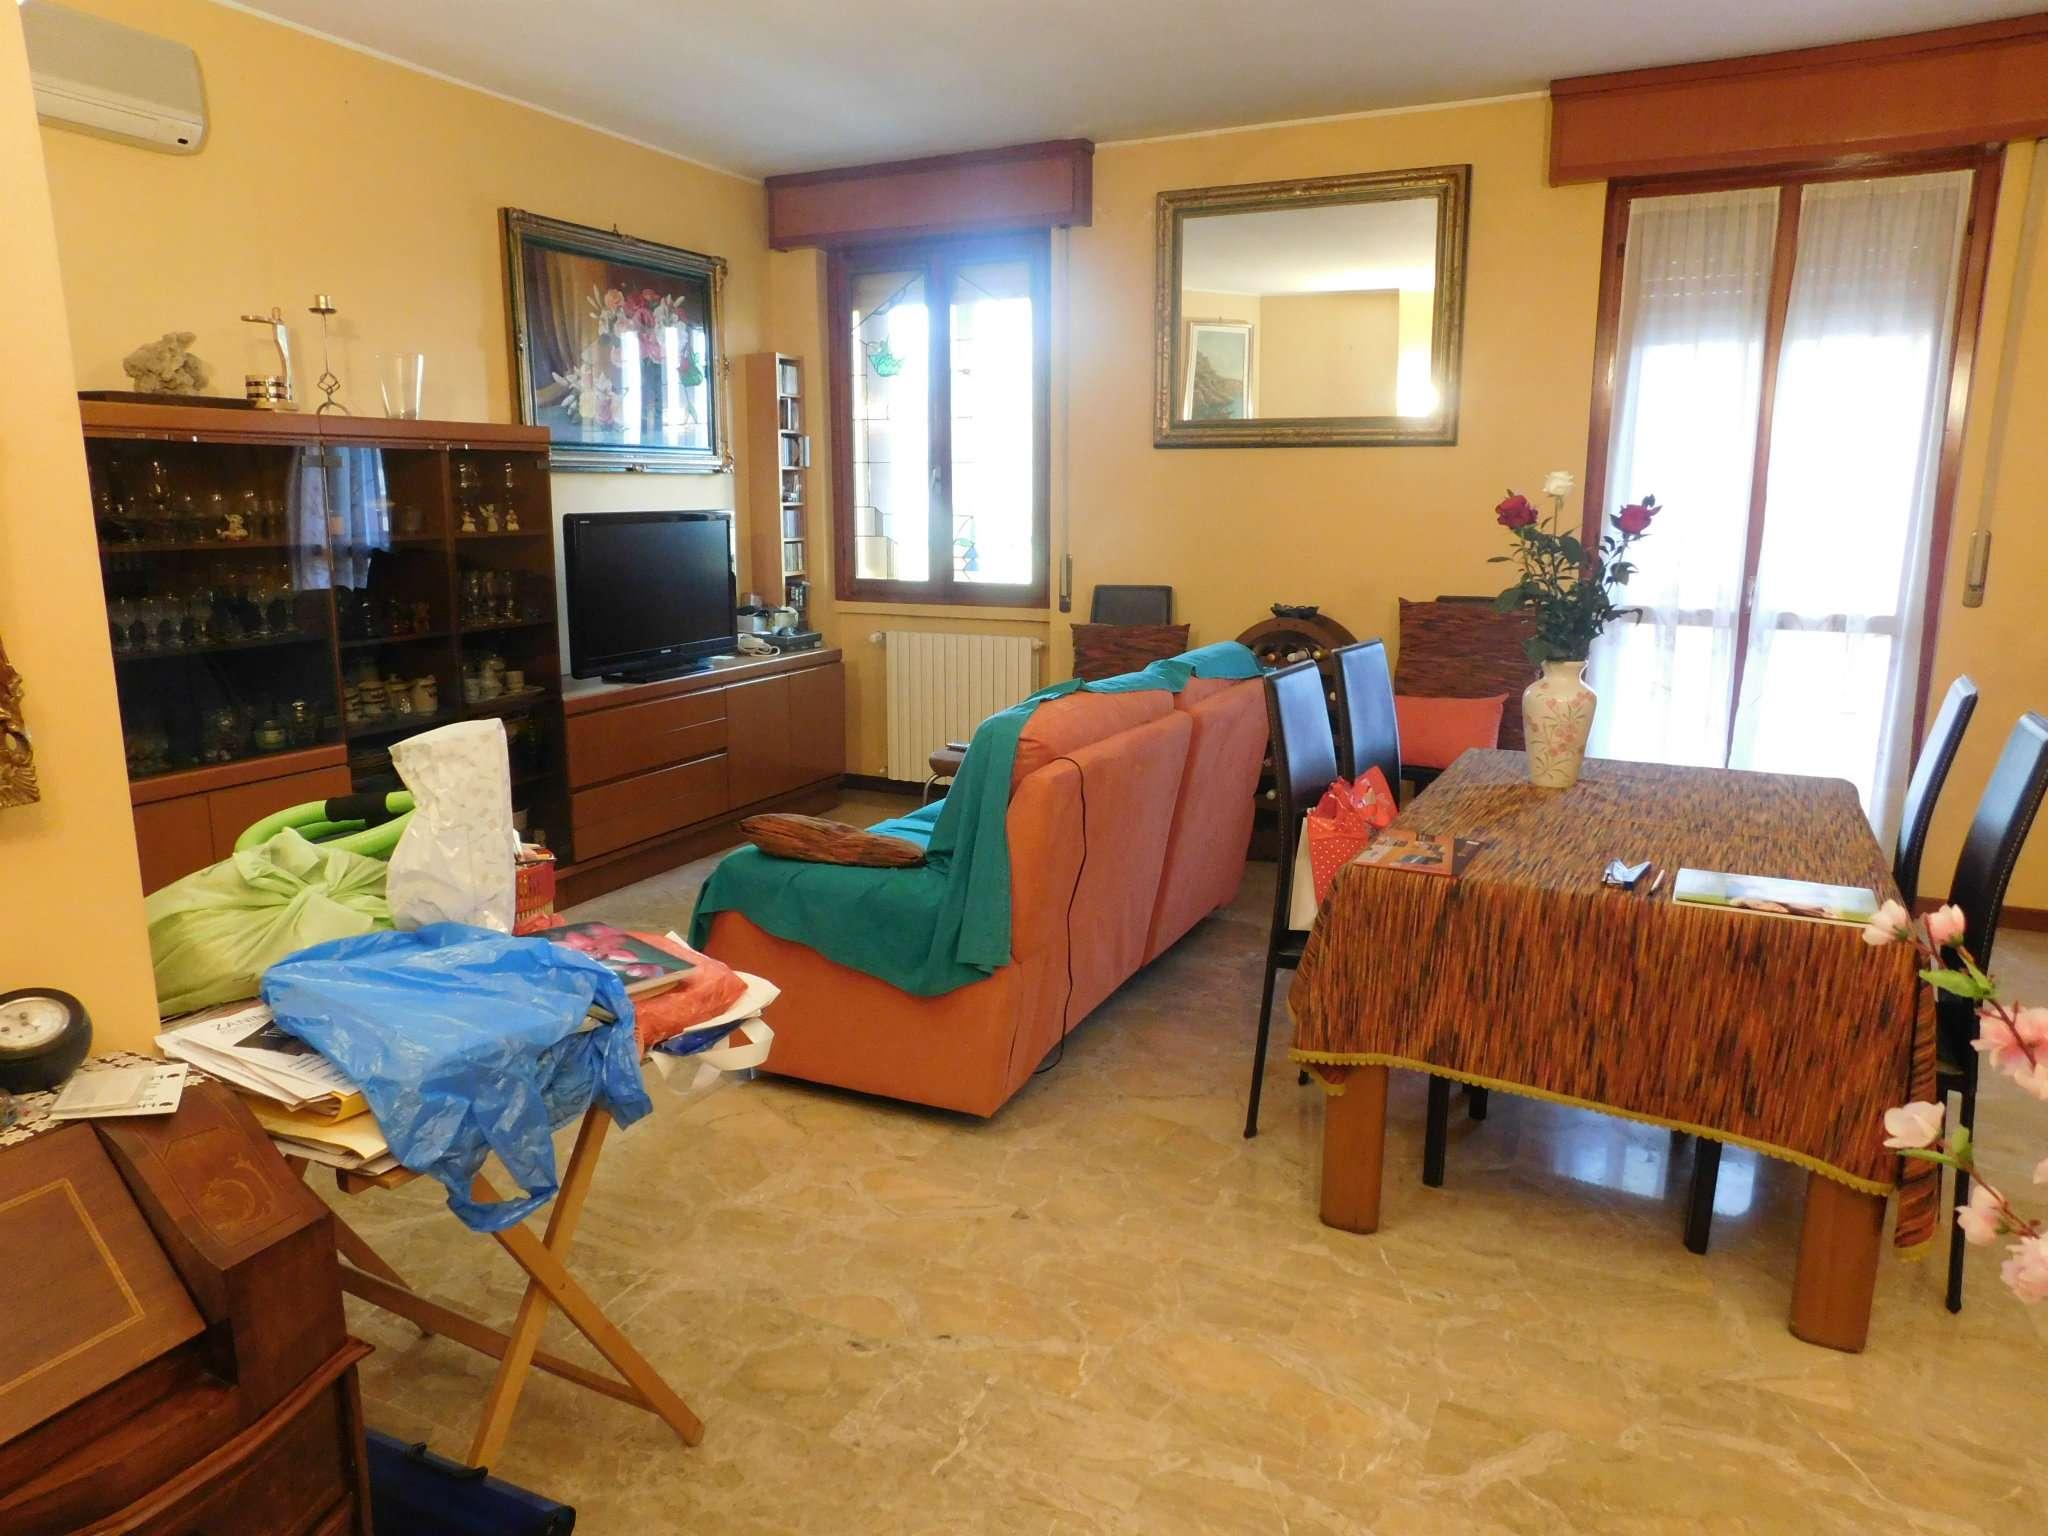 appartamenti trilocali in vendita a buccinasco - cambiocasa.it - Casa Arredamento Buccinasco